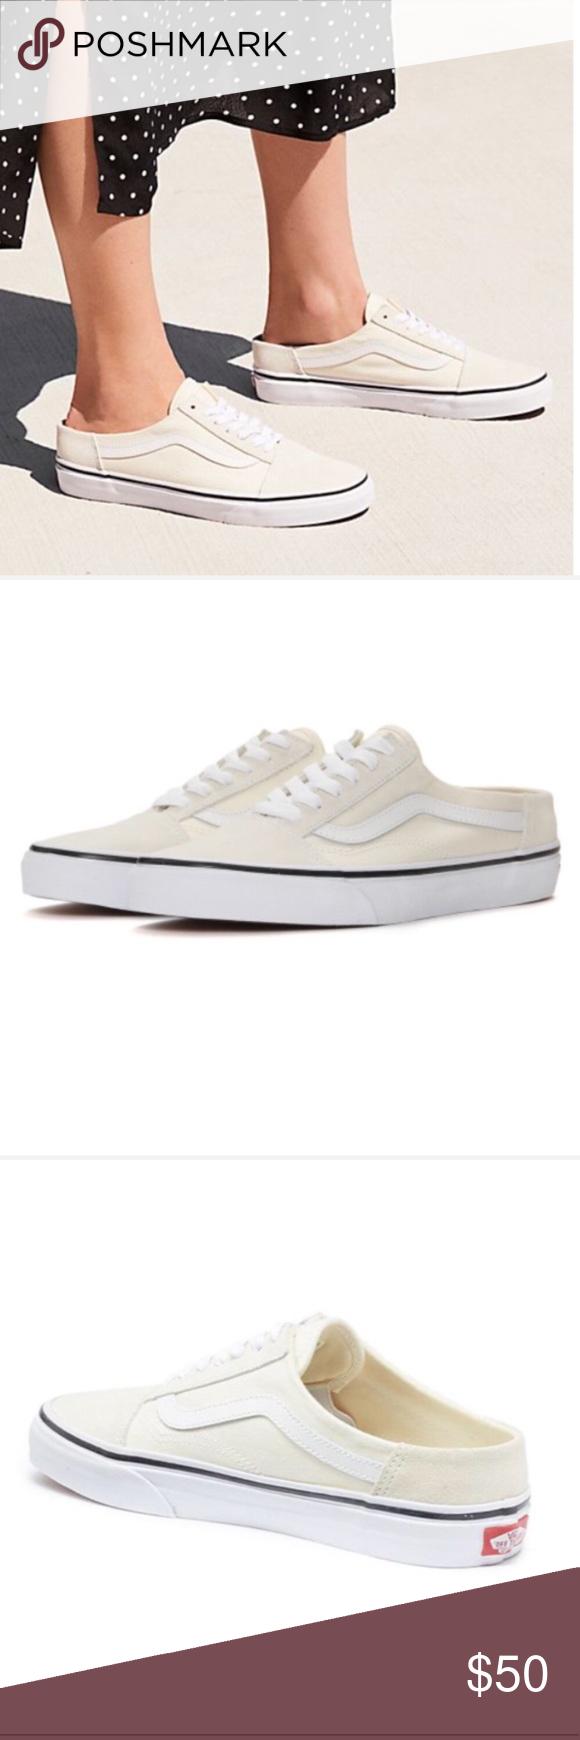 NWT Vans Old Skool Mules SlipOn Sneaker W 8, M 6.5 NWT Vans